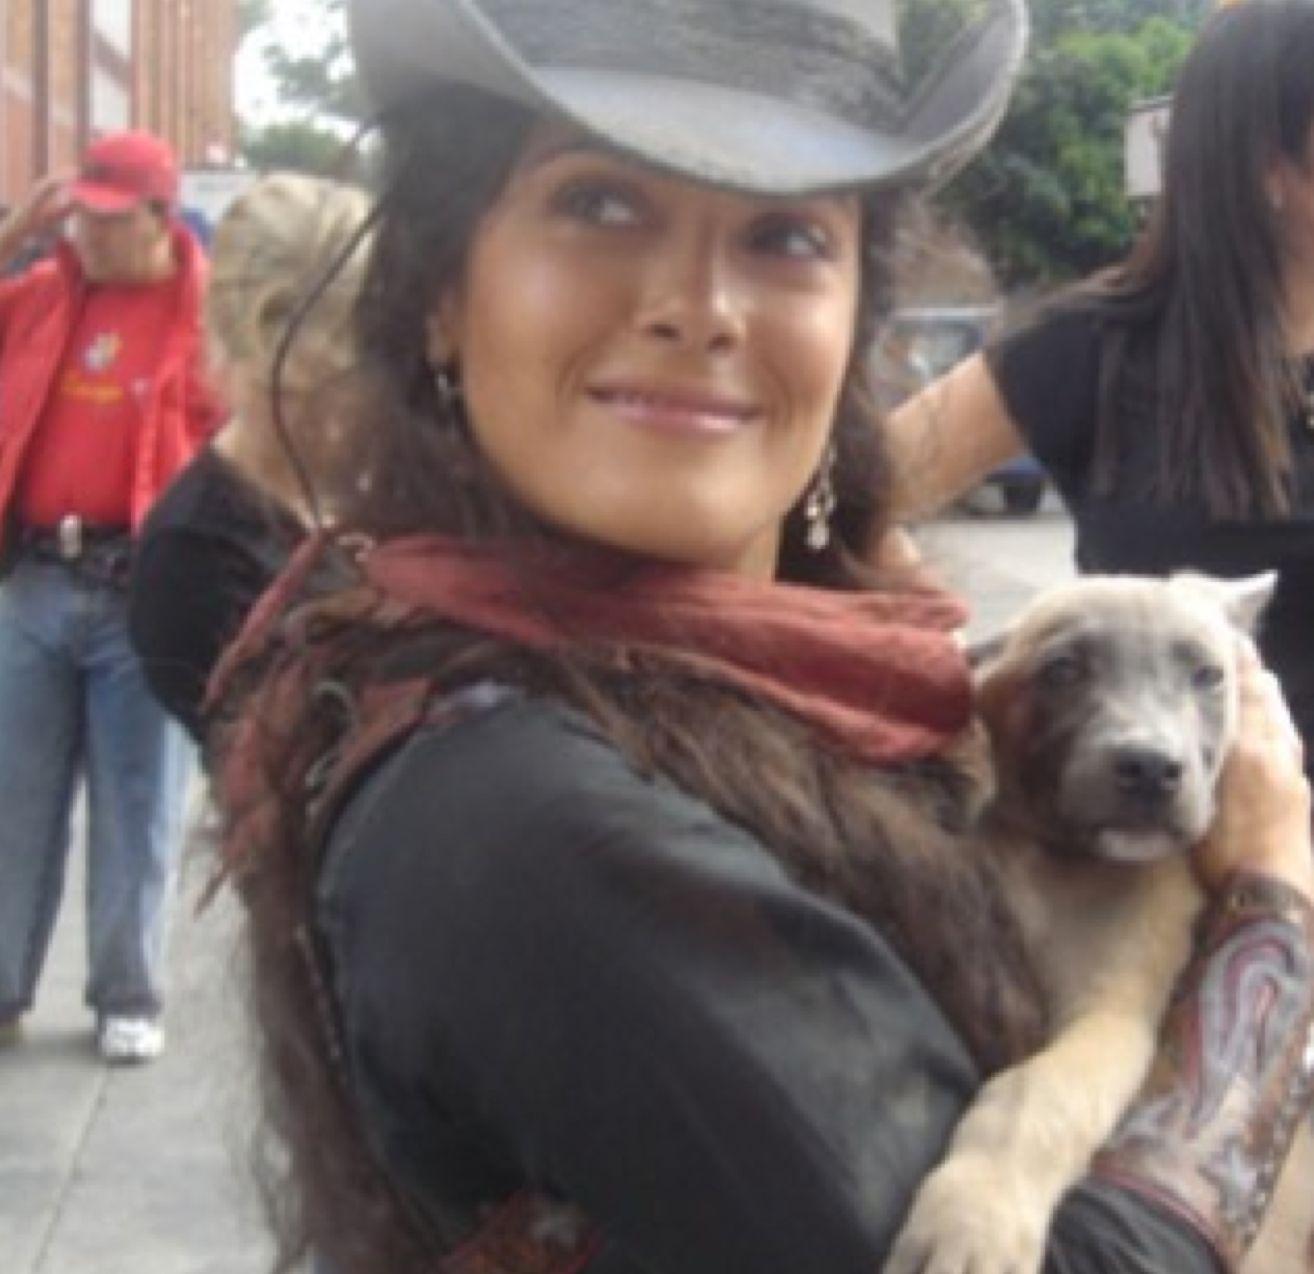 Salma Hayek with a dog